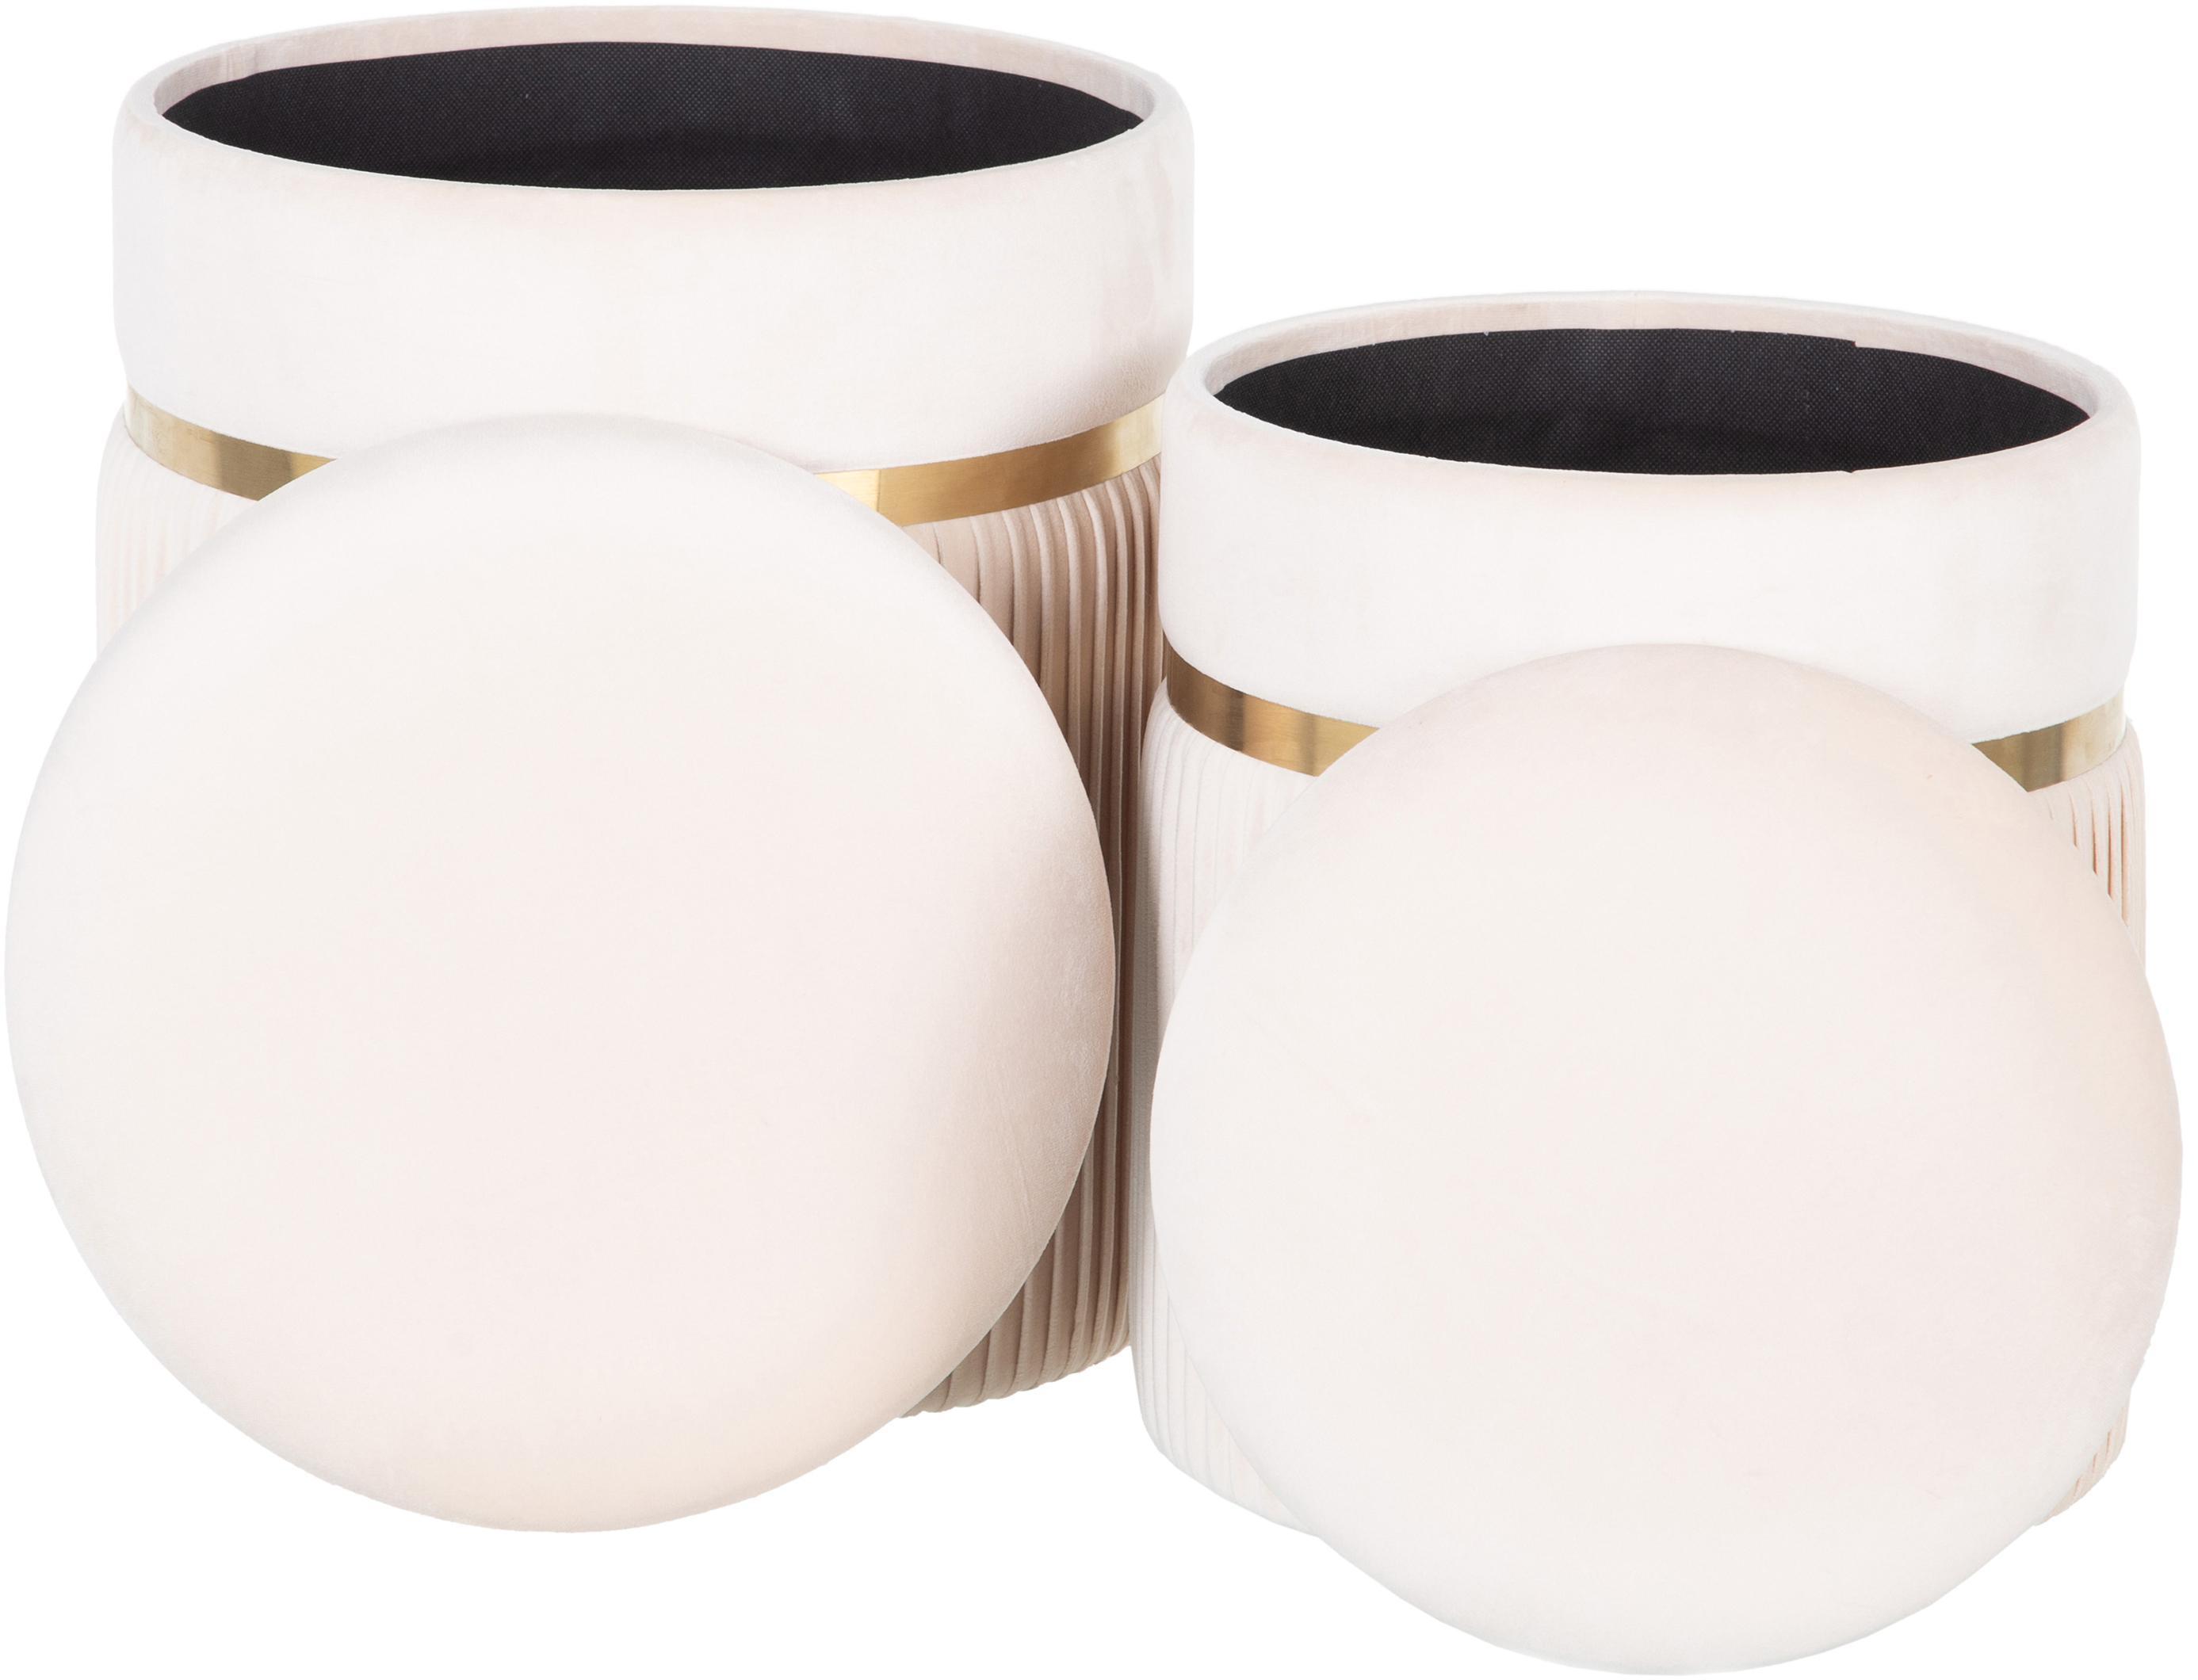 Komplet puf z miejscem do przechowywania Chest, 2 elem., Tapicerka: poliester (aksamit), Odcienie kremowego, Komplet z różnymi rozmiarami